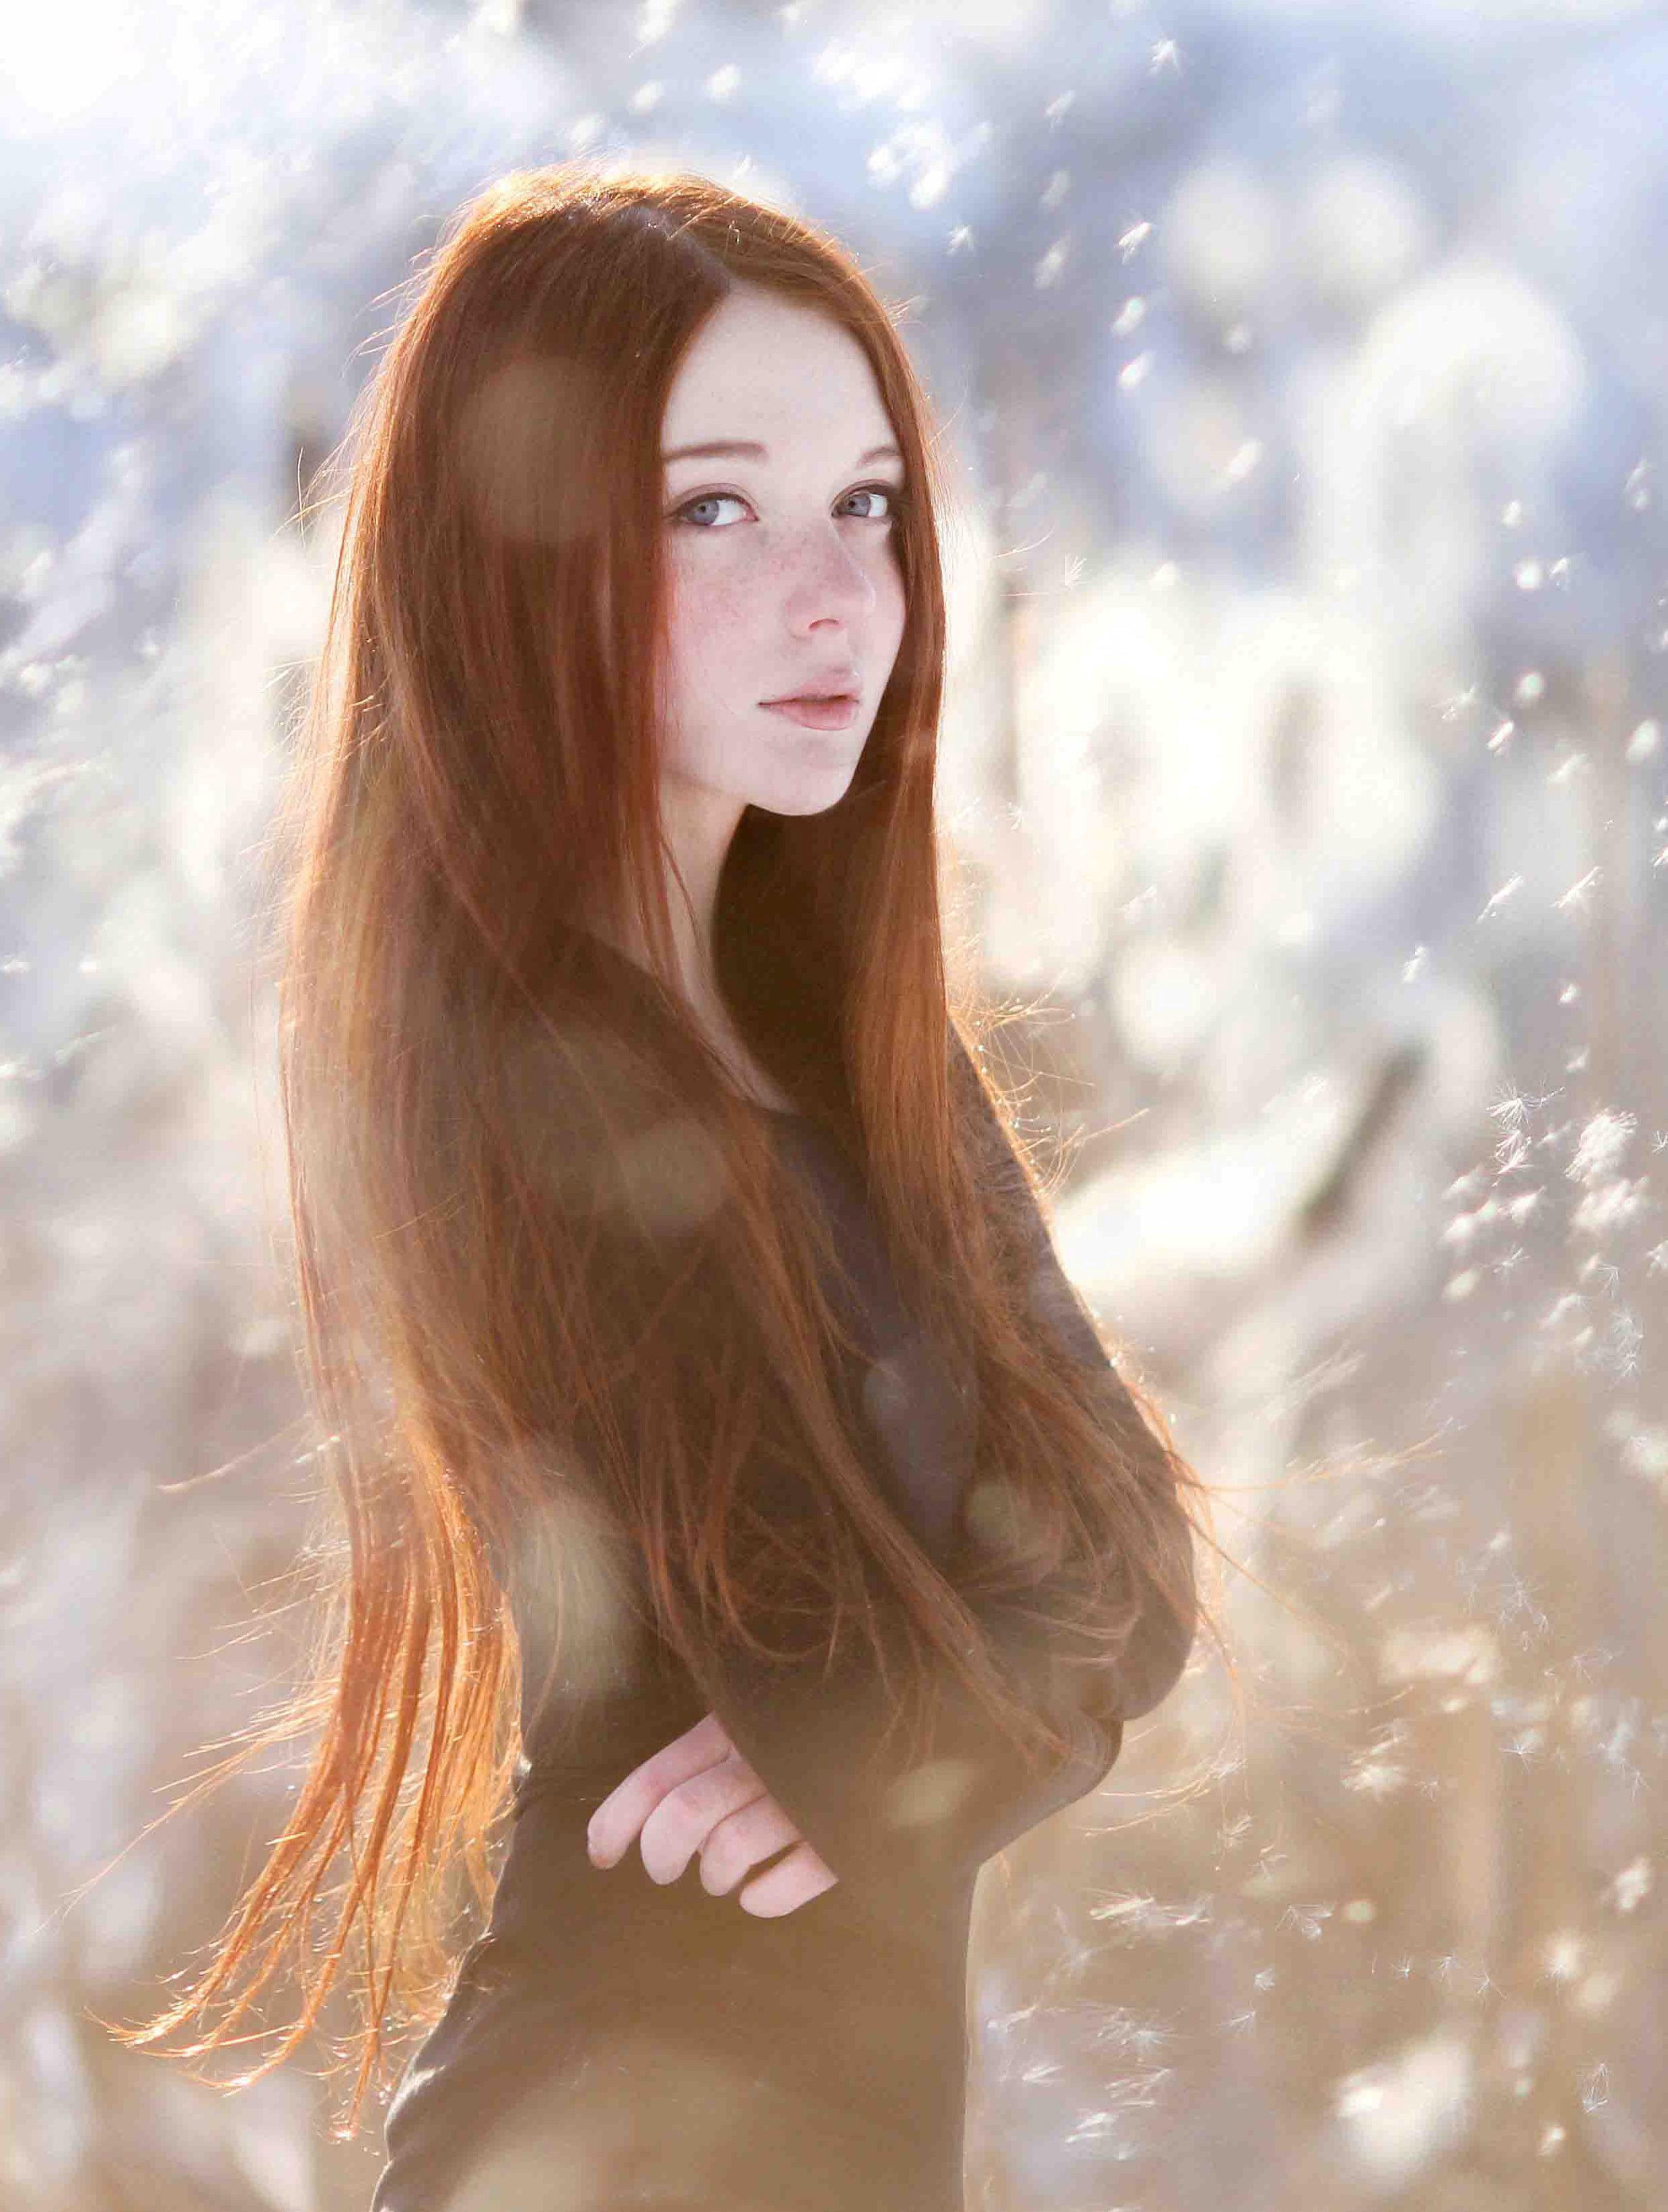 Фотки красивых рыжеволосых девушек 1 фотография